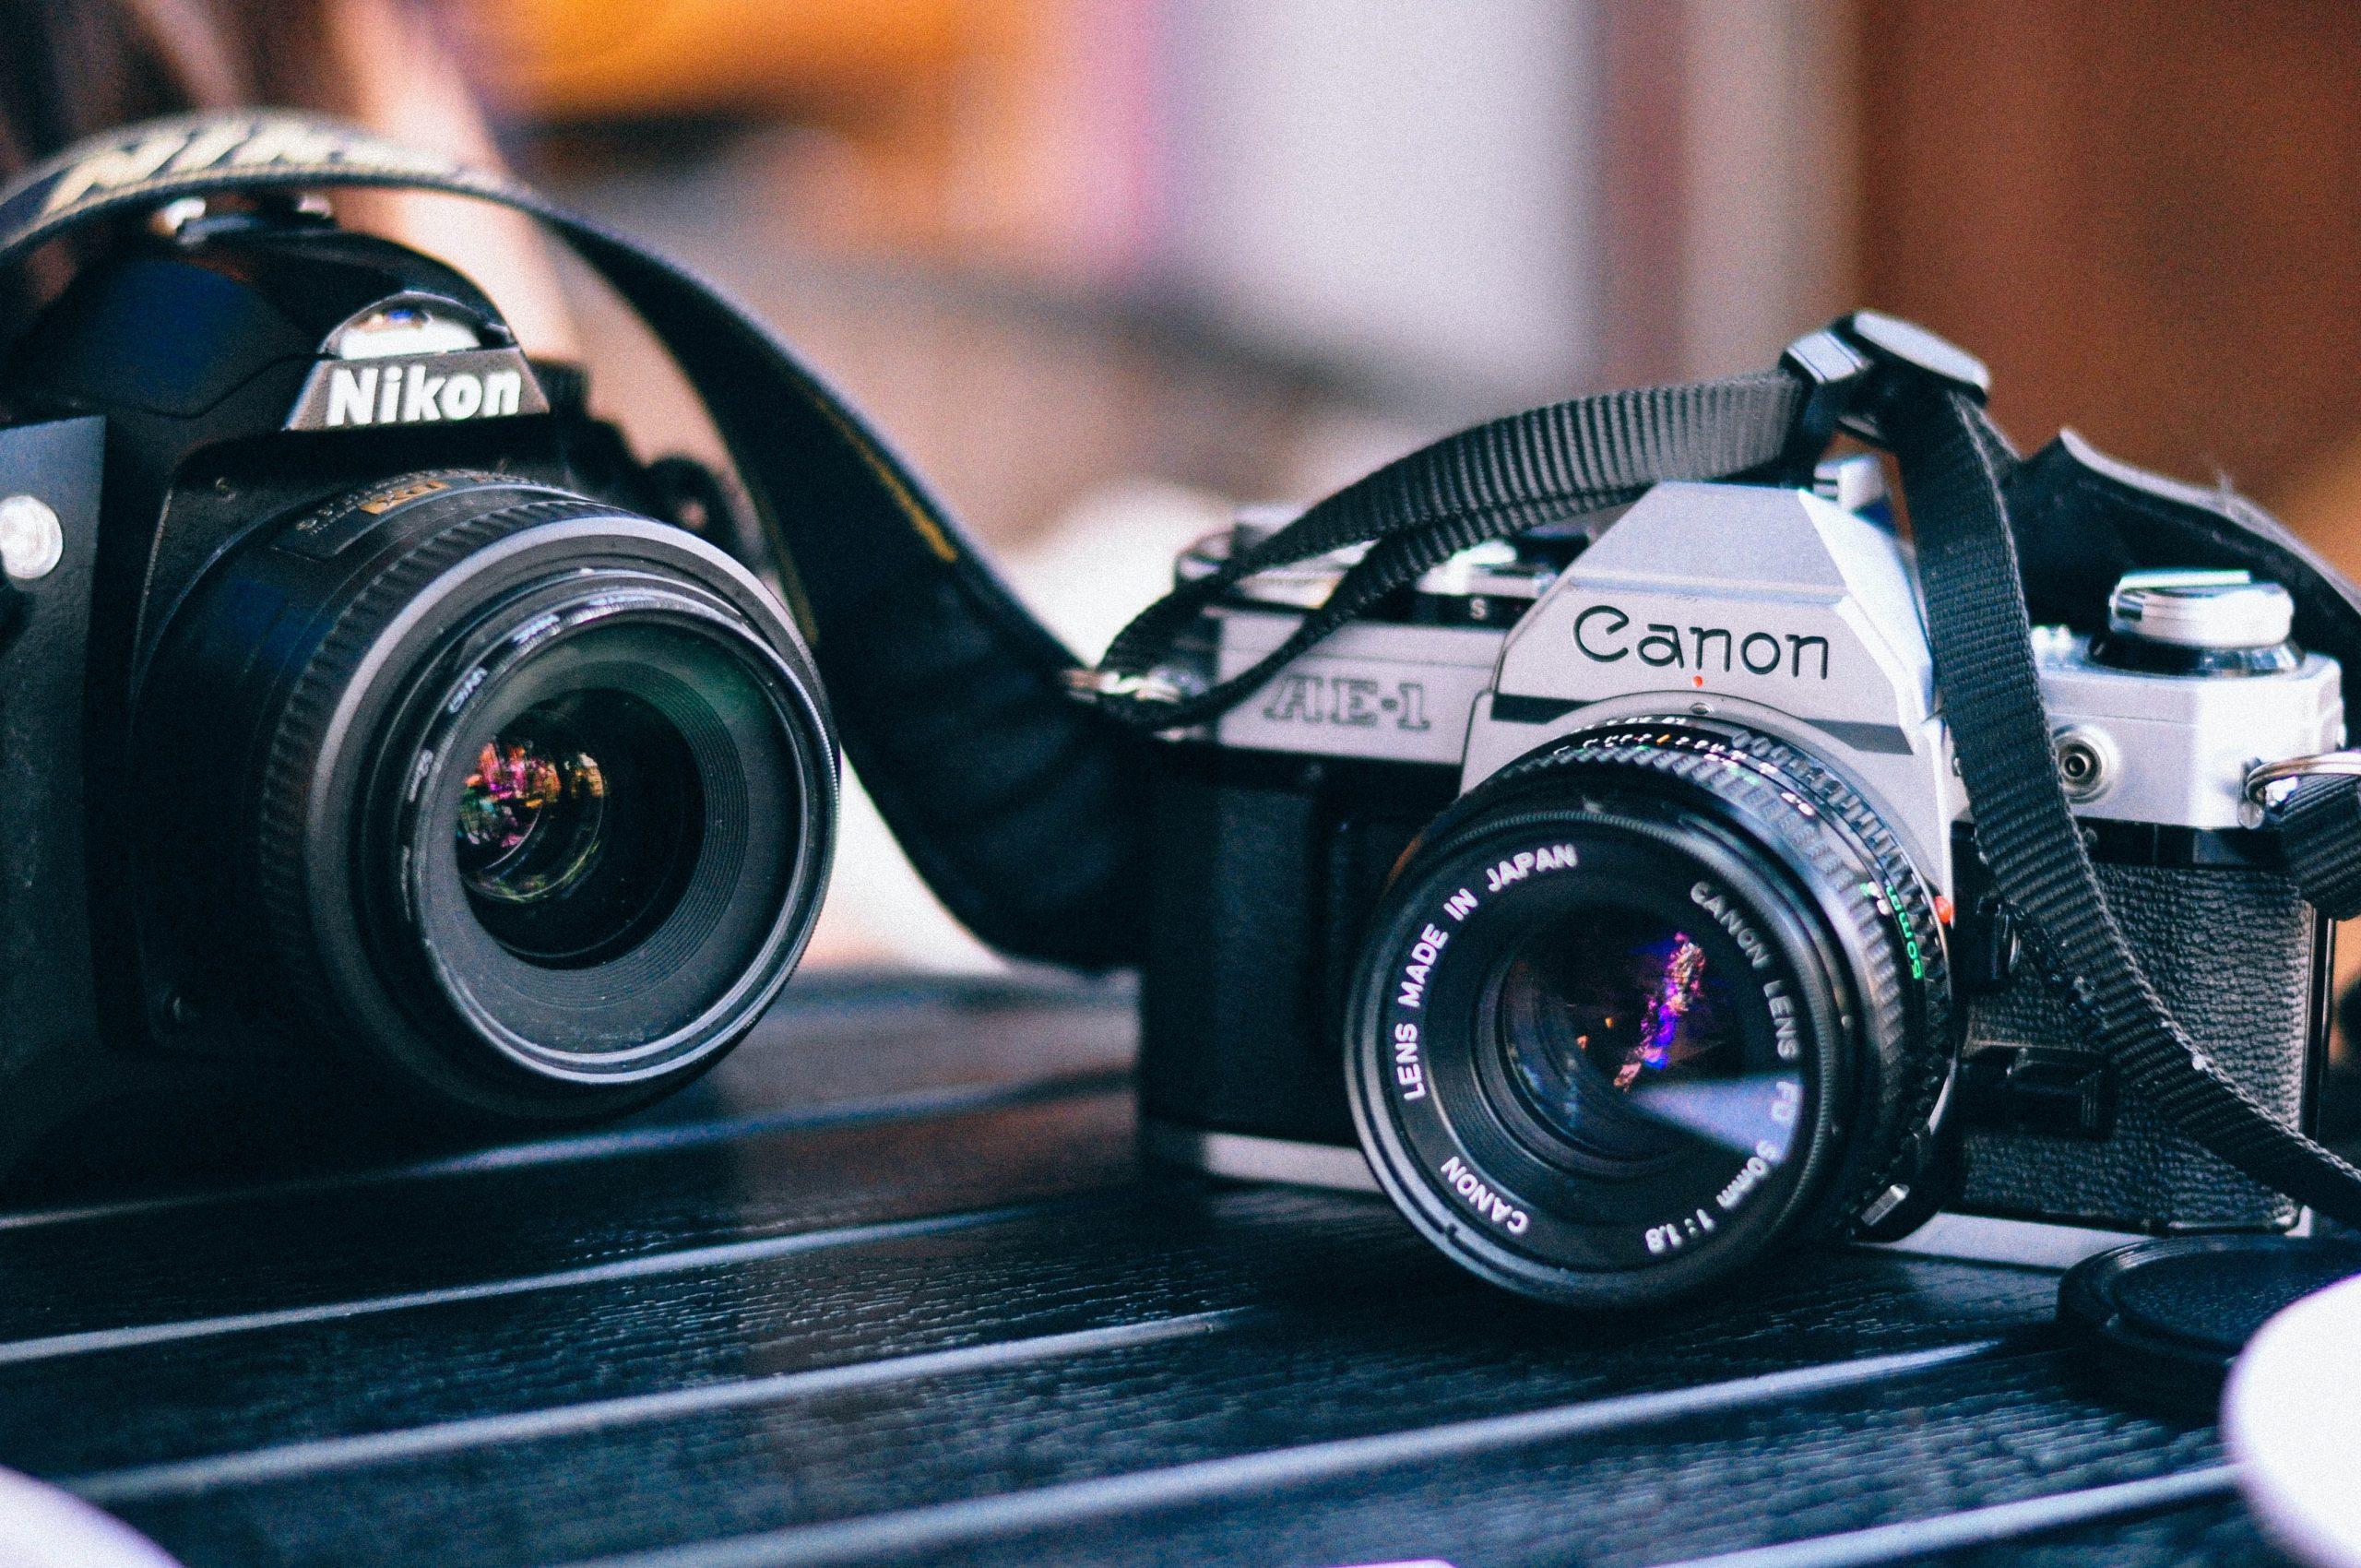 tips memilih kamera dslr - 2 Kamera Berbeda (rosalindchang)